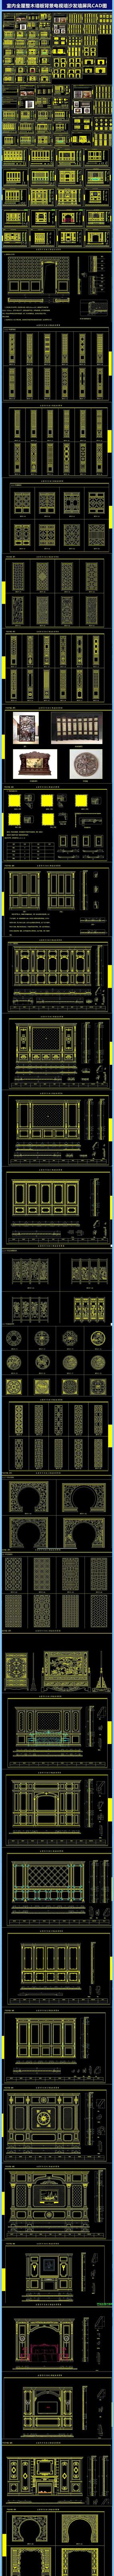 全屋整木墻板背景電視墻沙發墻屏風CAD